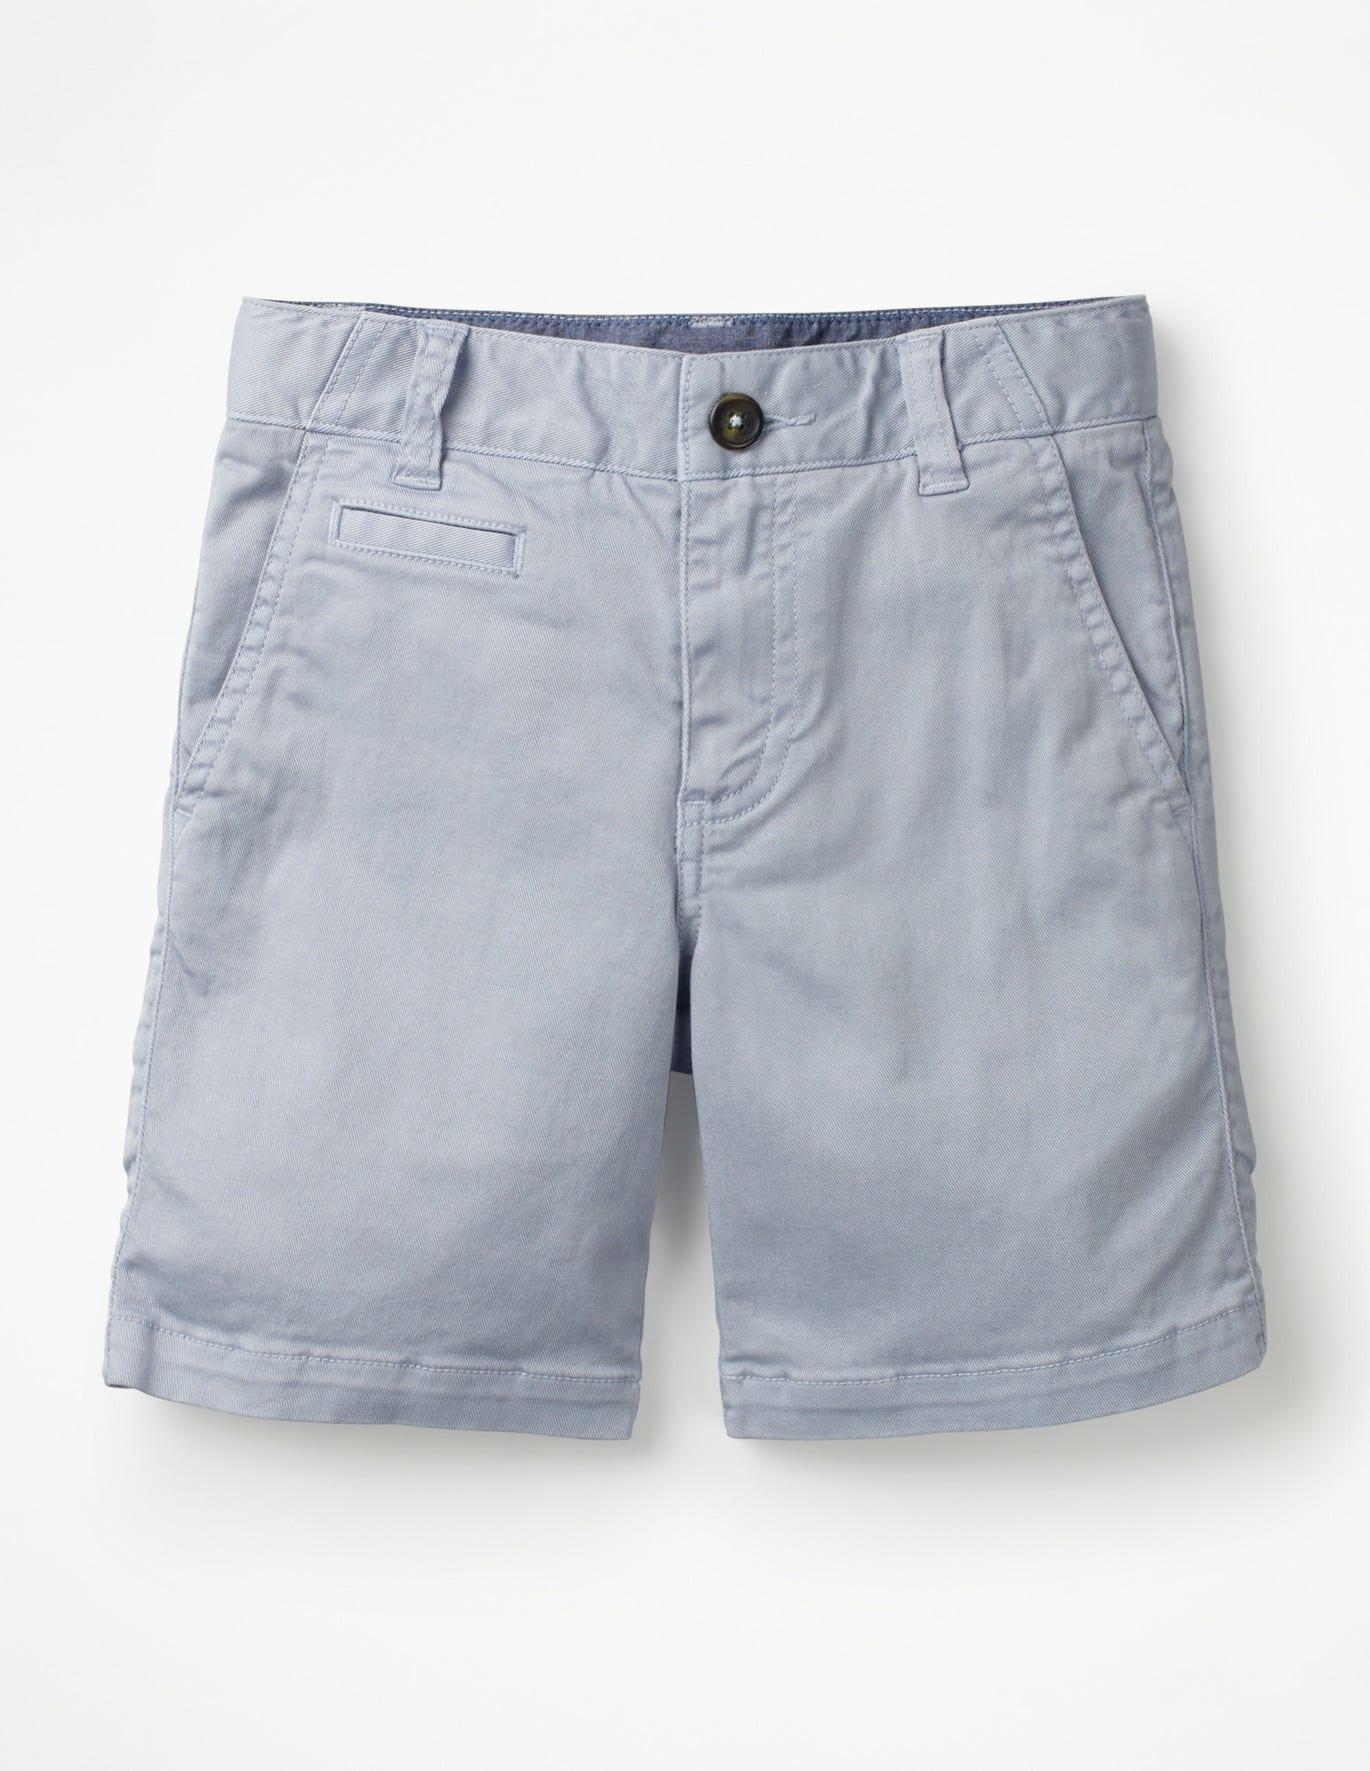 Chino Shorts - Light Sky Blue B0582-LBL